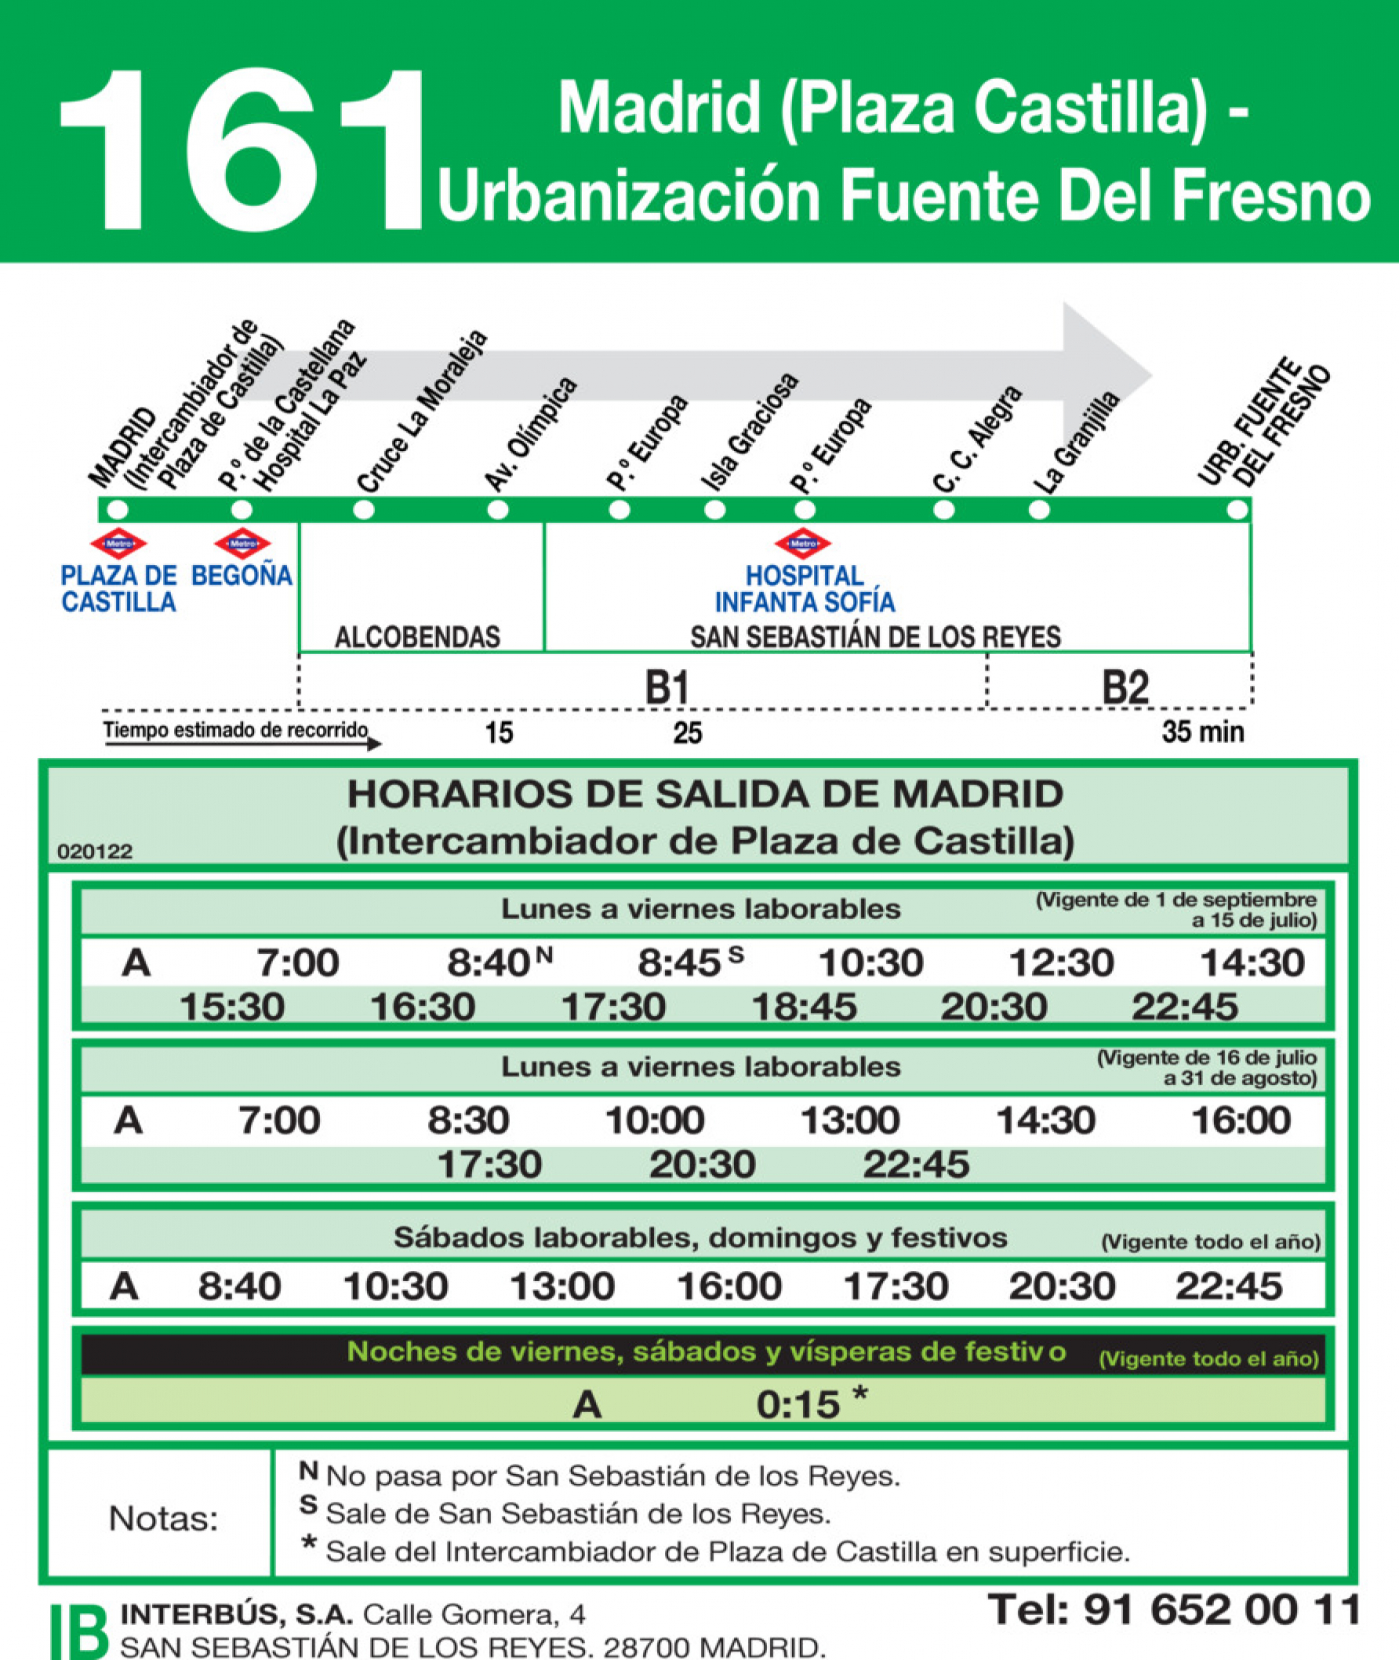 Tabla de horarios y frecuencias de paso en sentido ida Línea 161: Madrid (Plaza Castilla) - Urbanización Fuente del Fresno